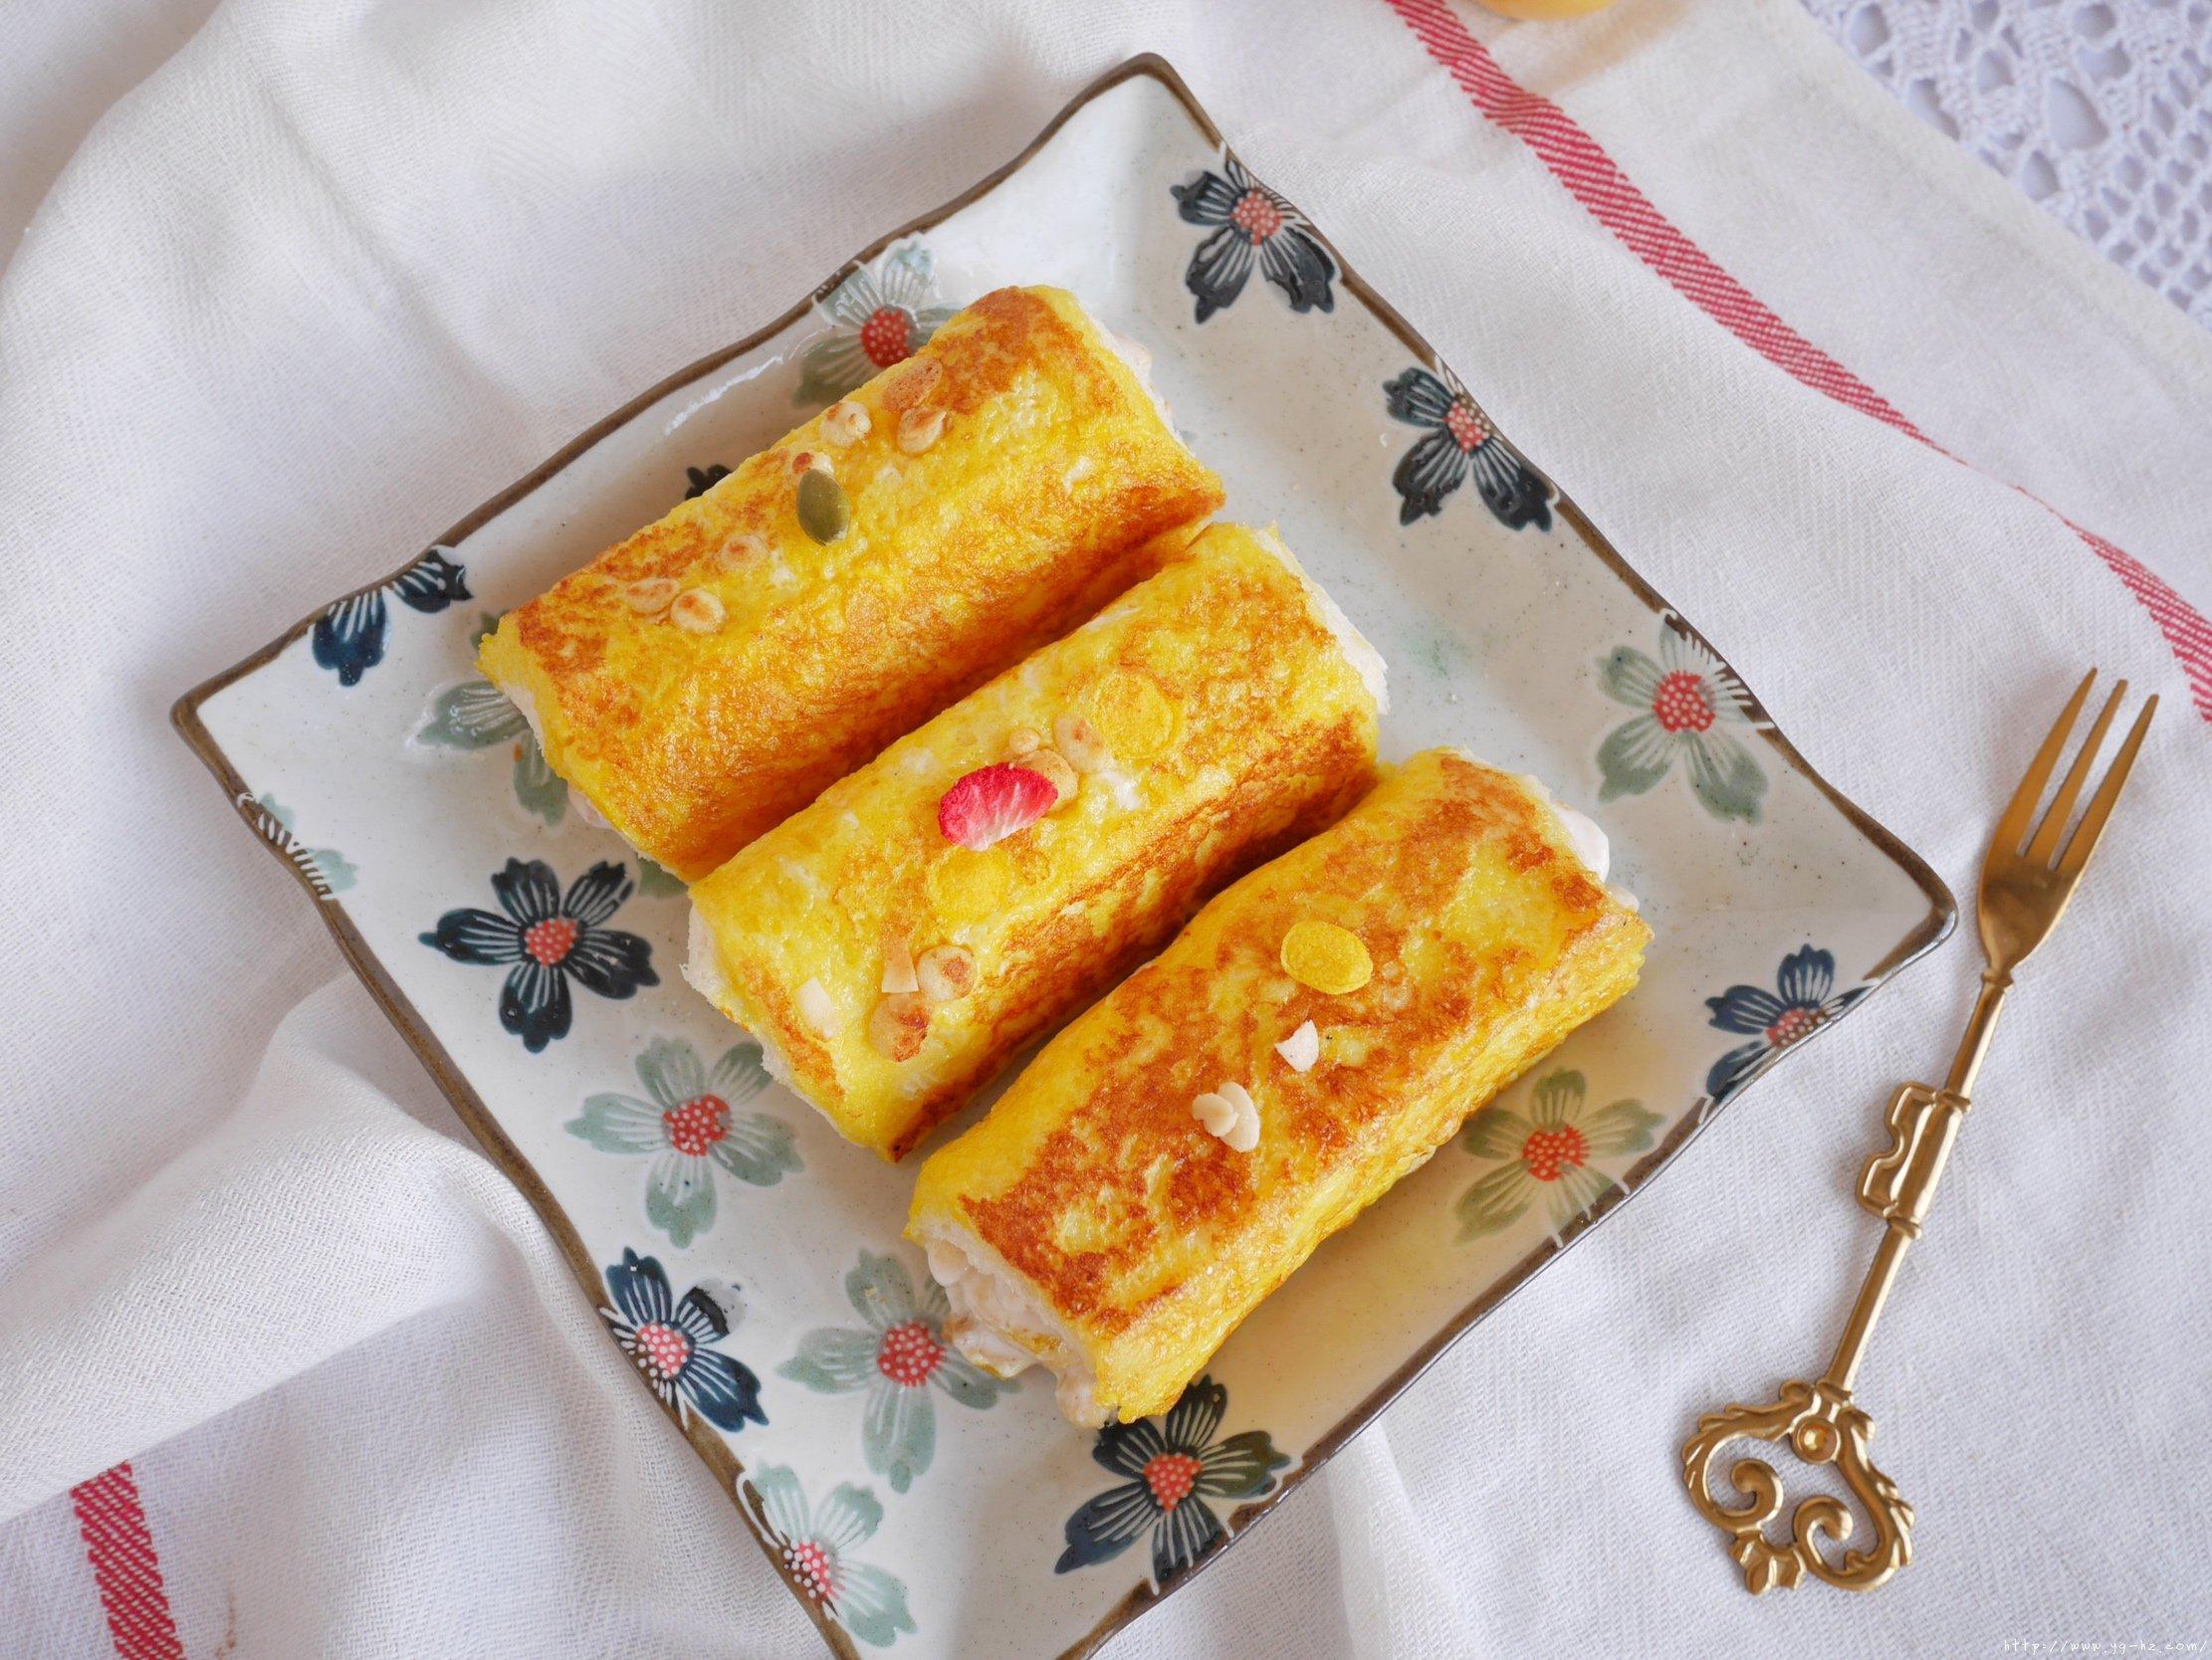 5分钟快手早餐酸奶吐司卷低脂不胖的做法 步骤8